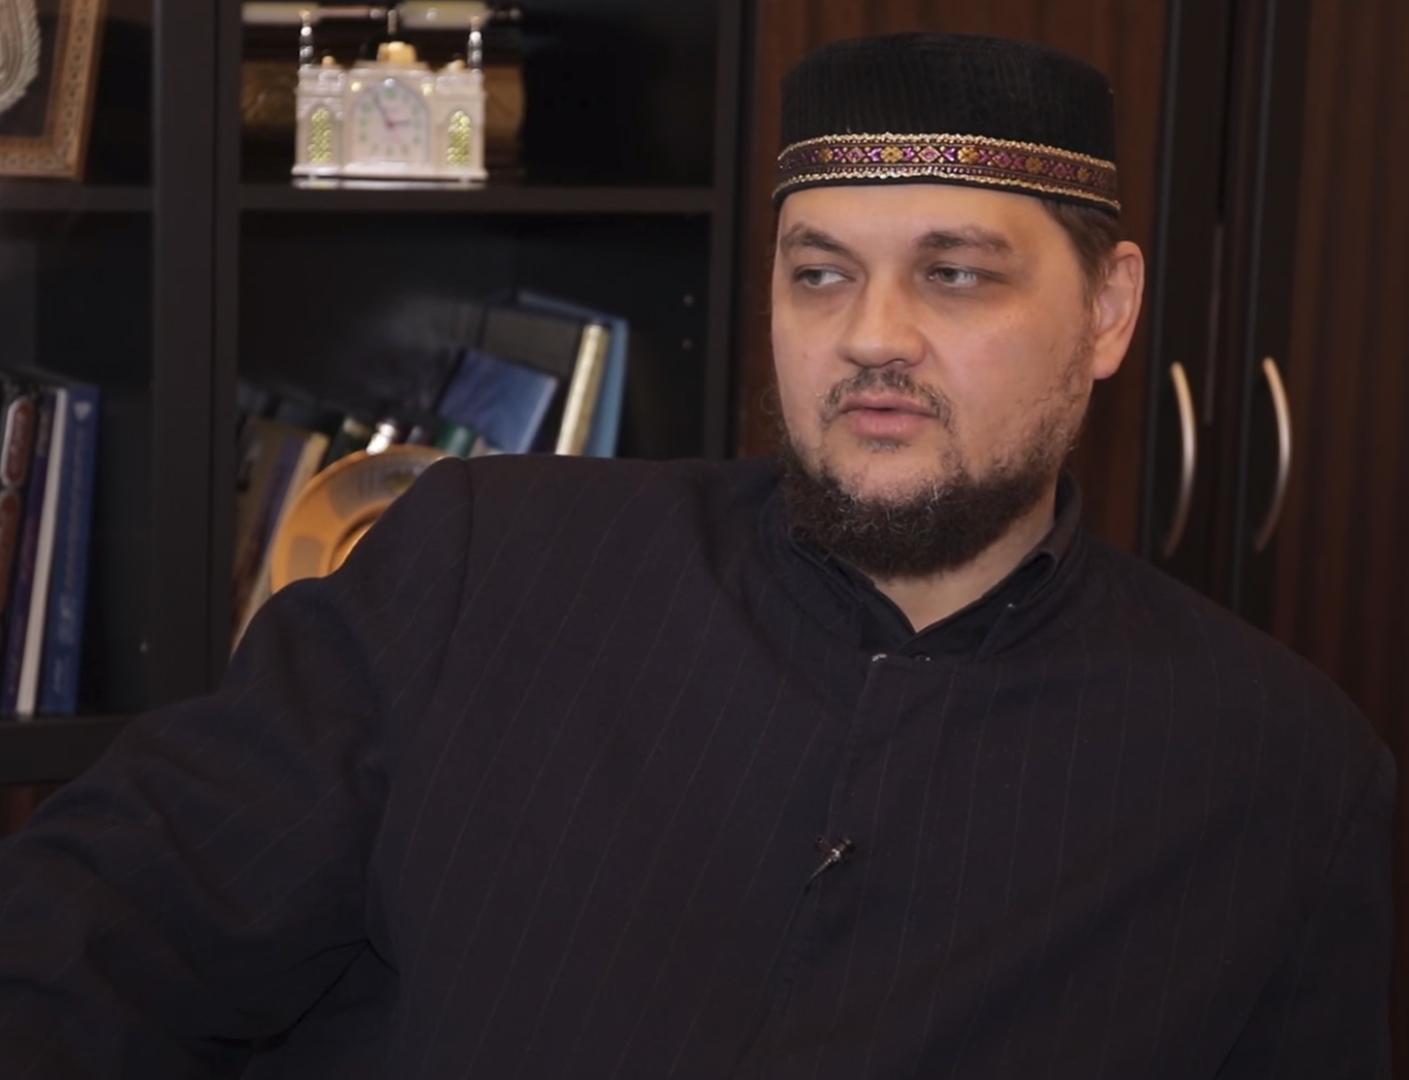 Ислам знакомства для брака в москве дмитрий 42 волжский знакомства